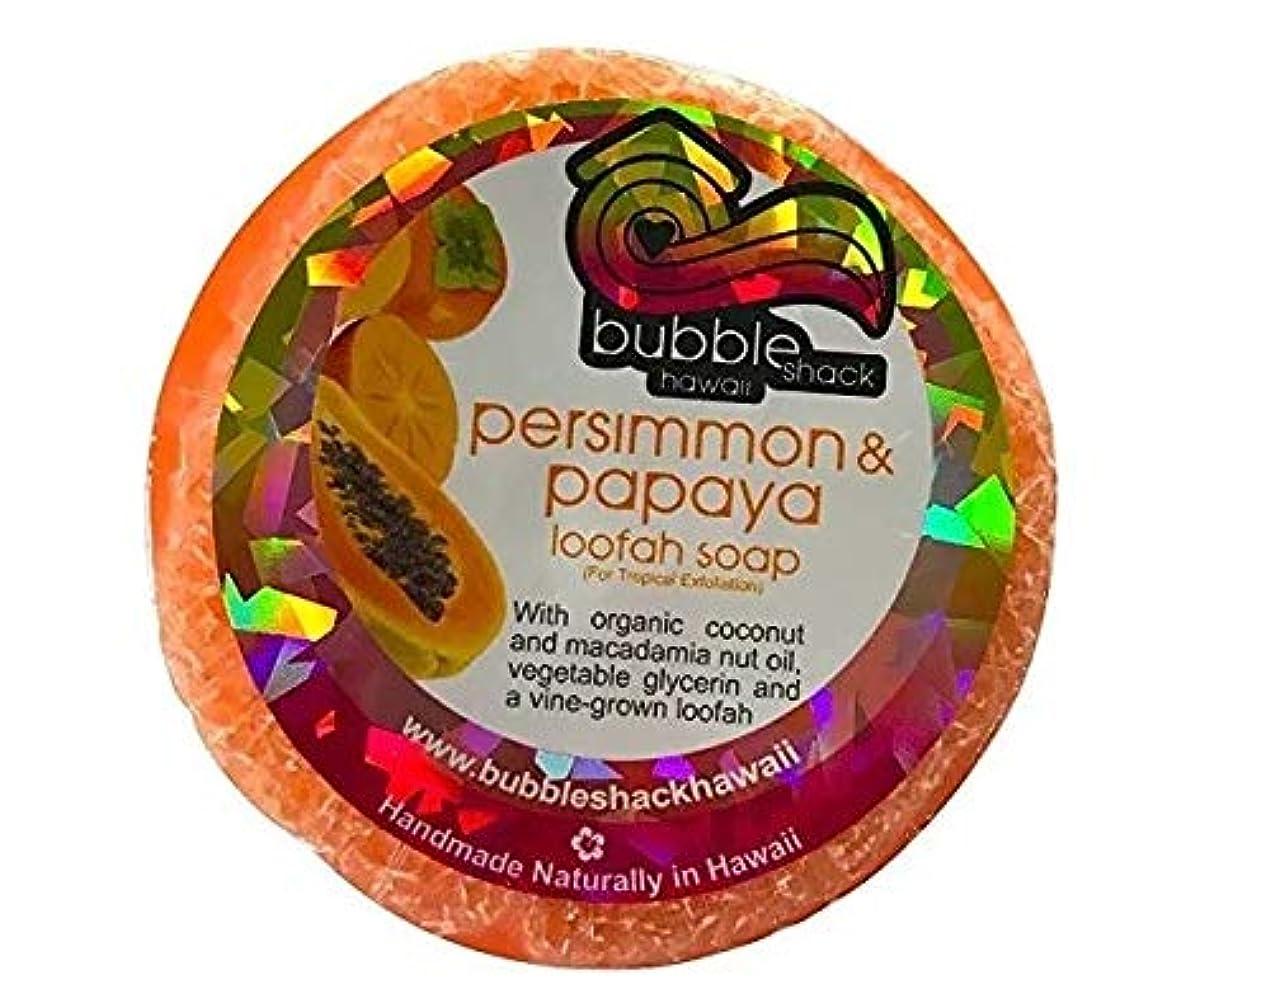 ハワイアン雑貨/ハワイ 雑貨【バブルシャック】Bubble Shack Hawaii ルーファーソープ(柿&パパイヤ) 【お土産】